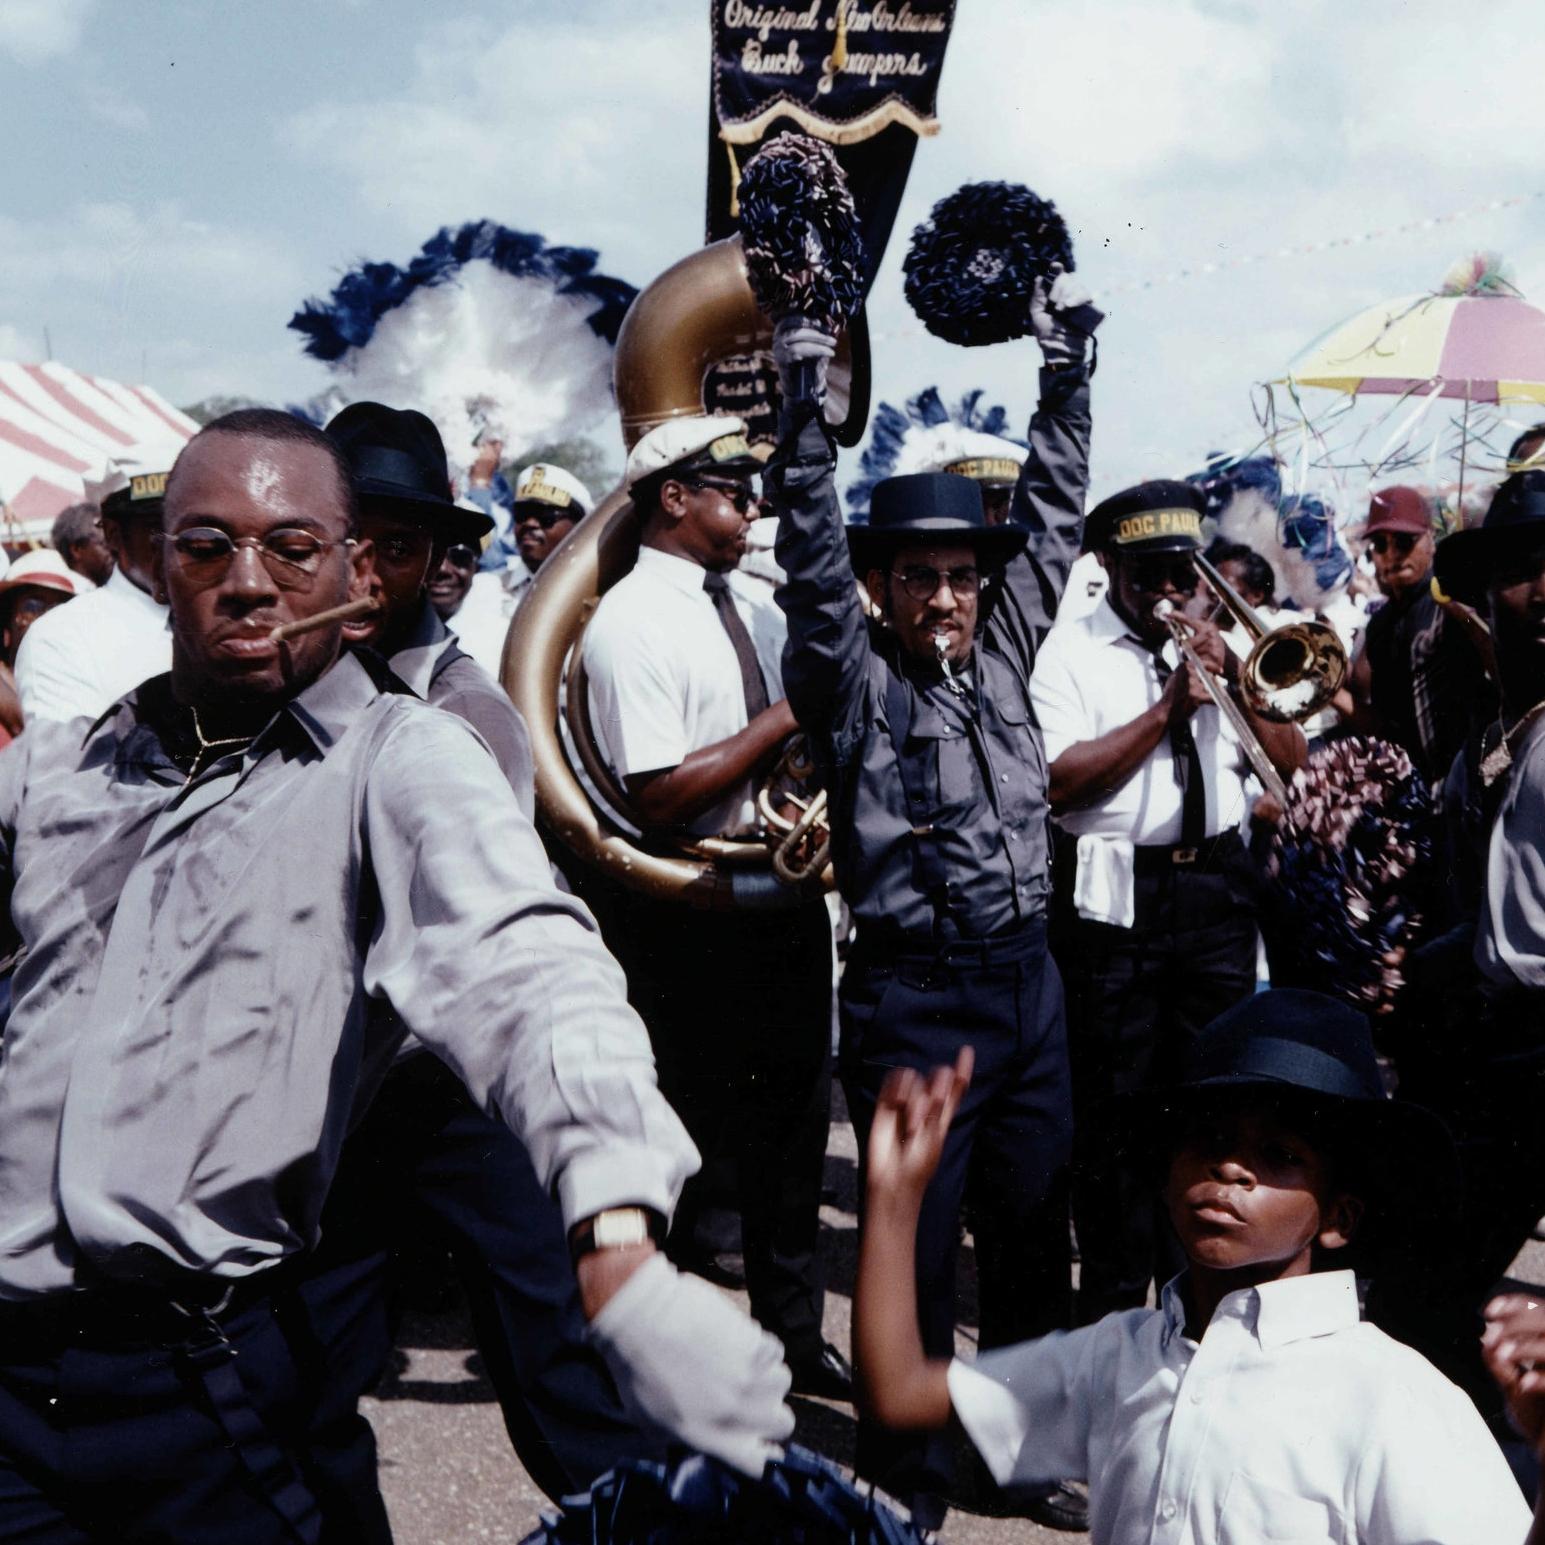 Original_New_Orleans_Buck_Jumpers.jpg